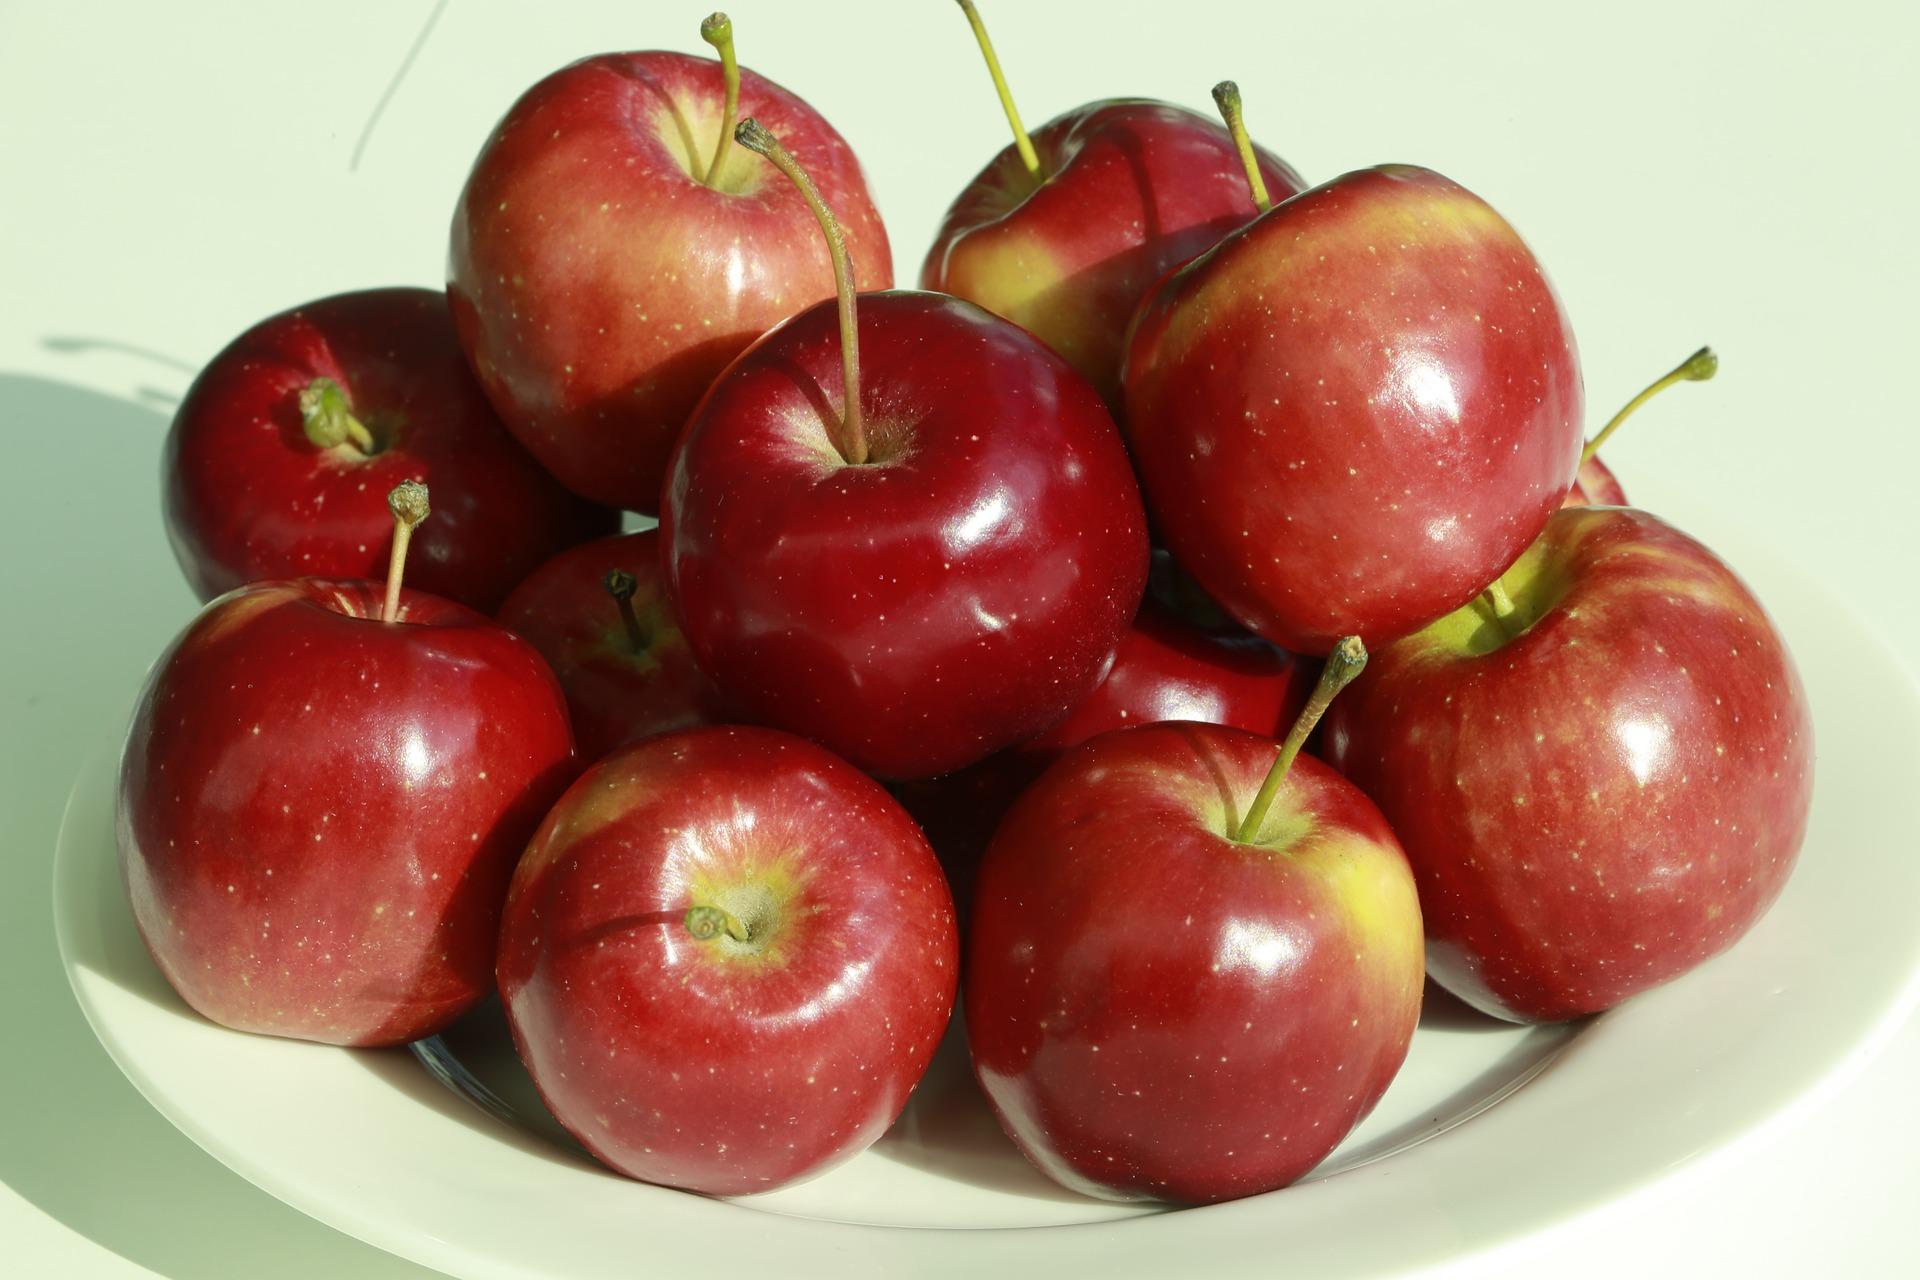 混濁蘋果濃縮汁